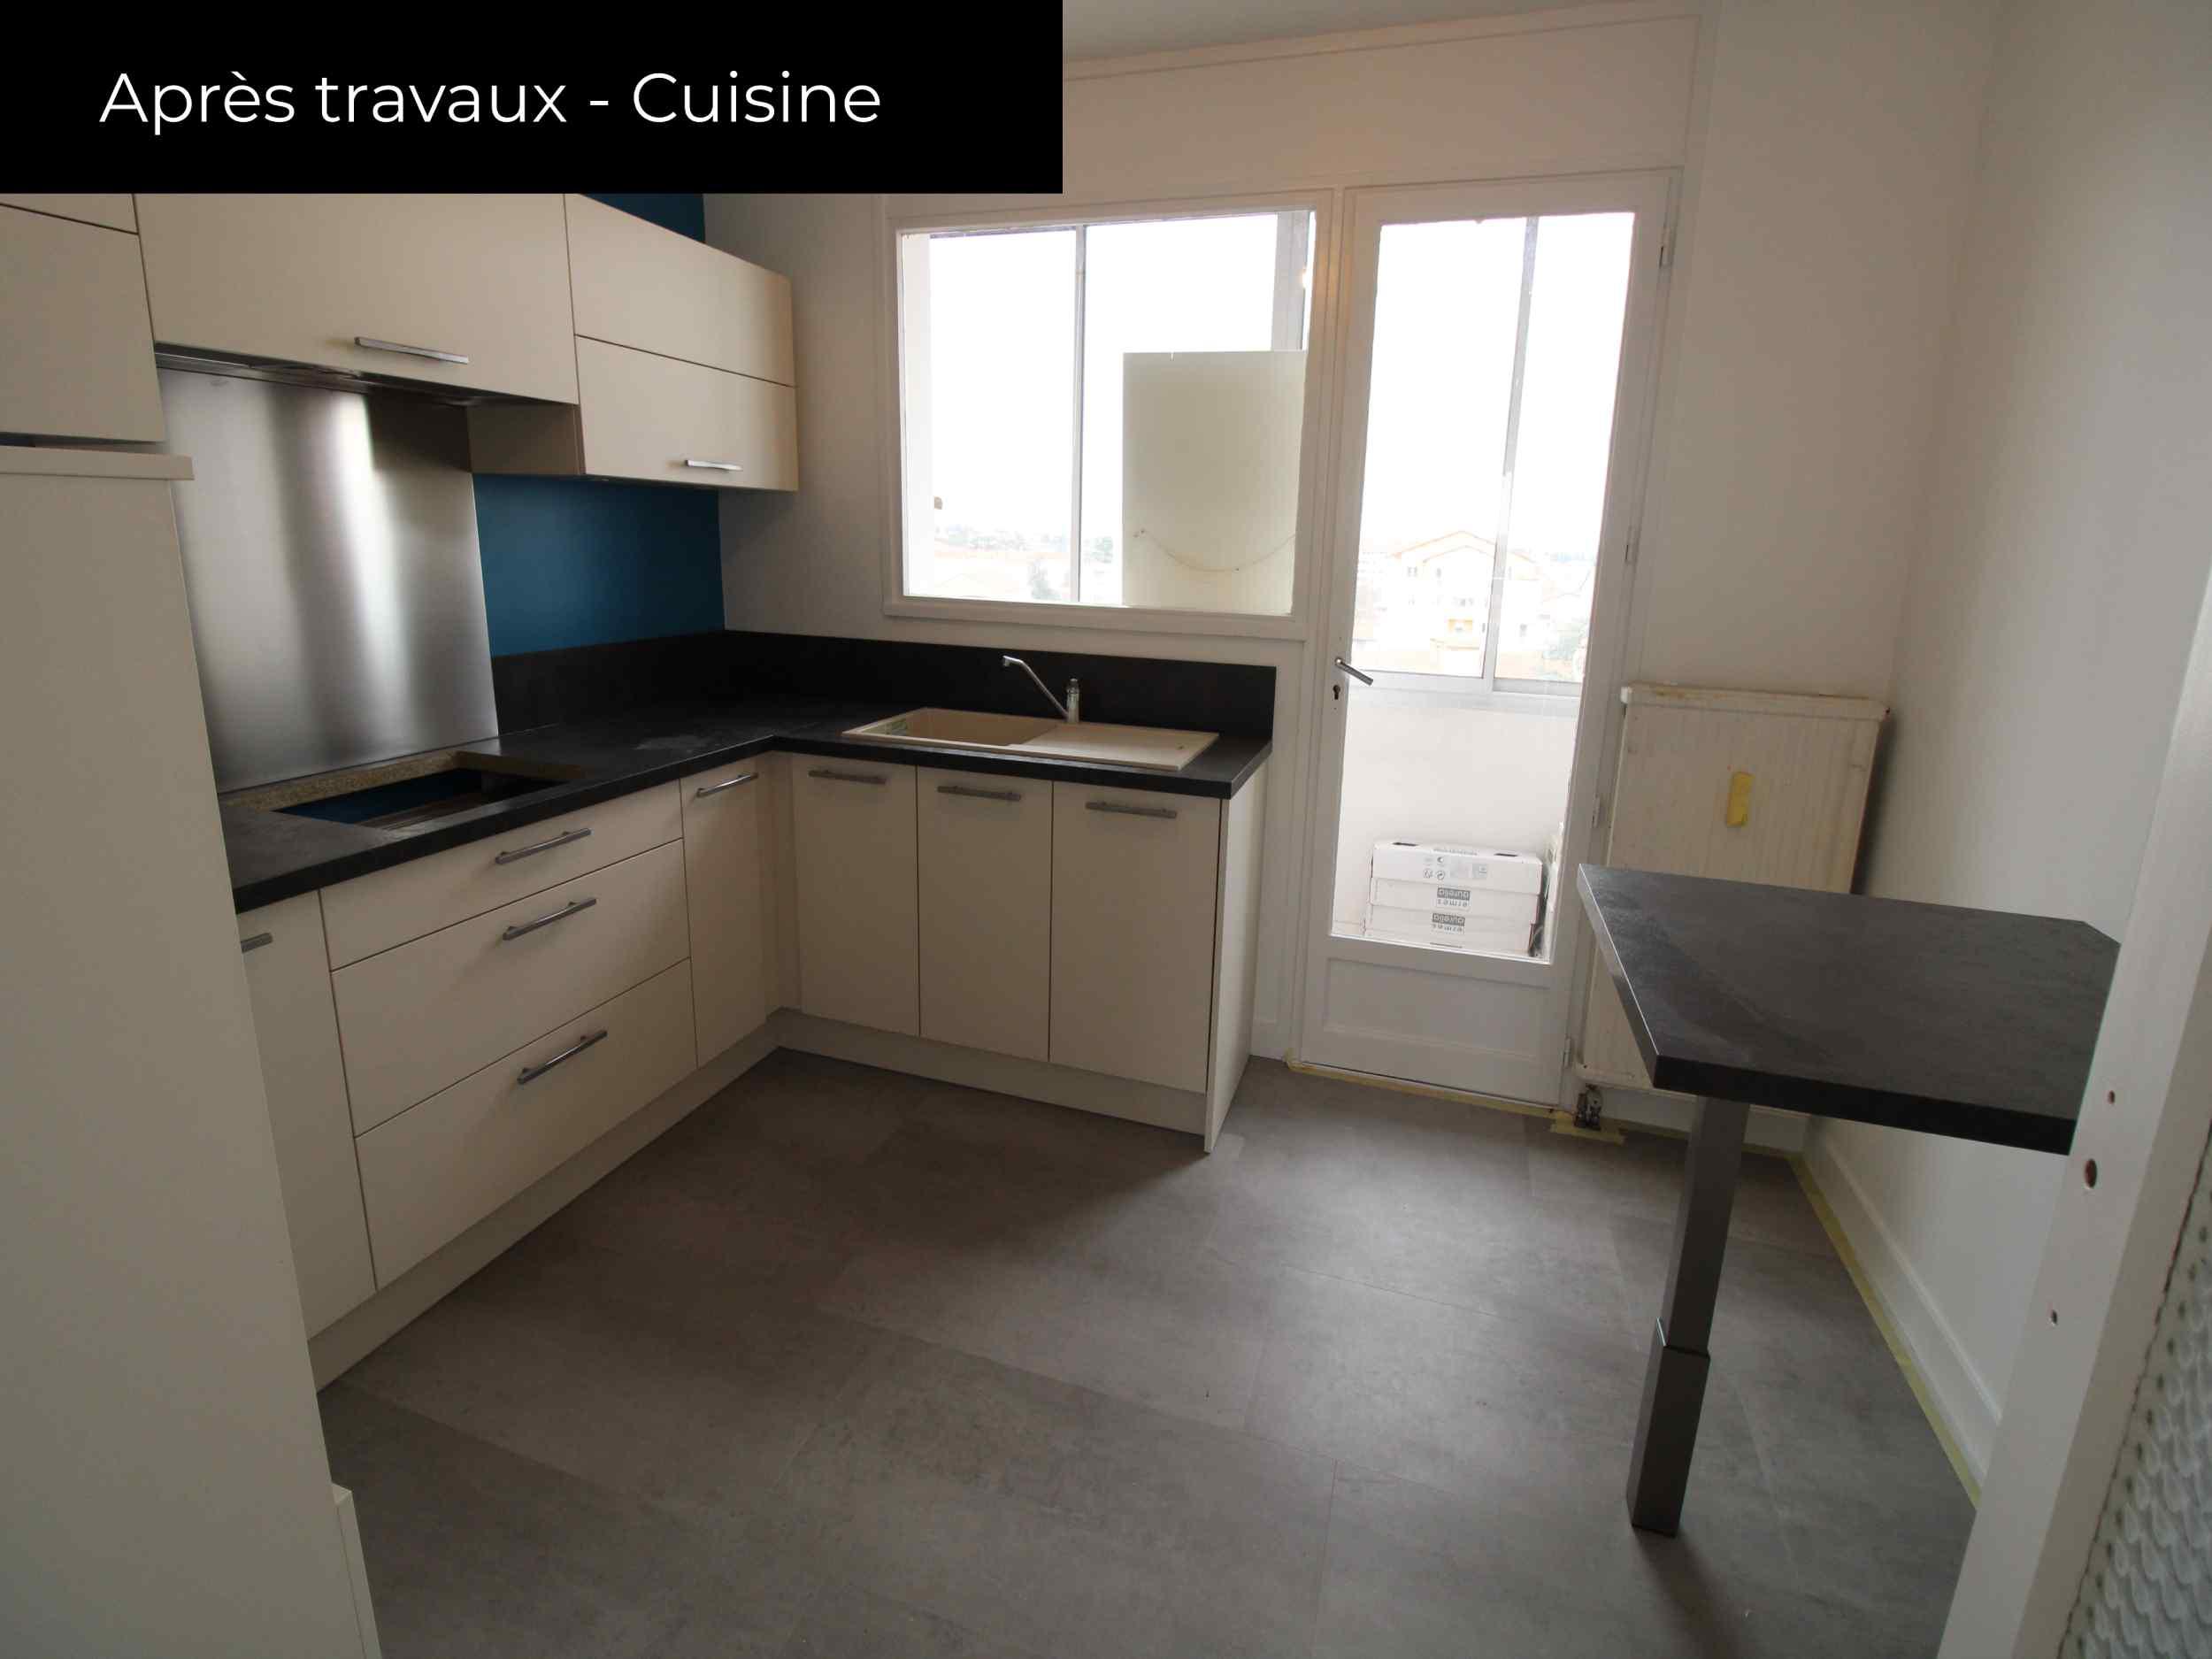 renovation-appartement-lyon-cuisine-apres-3